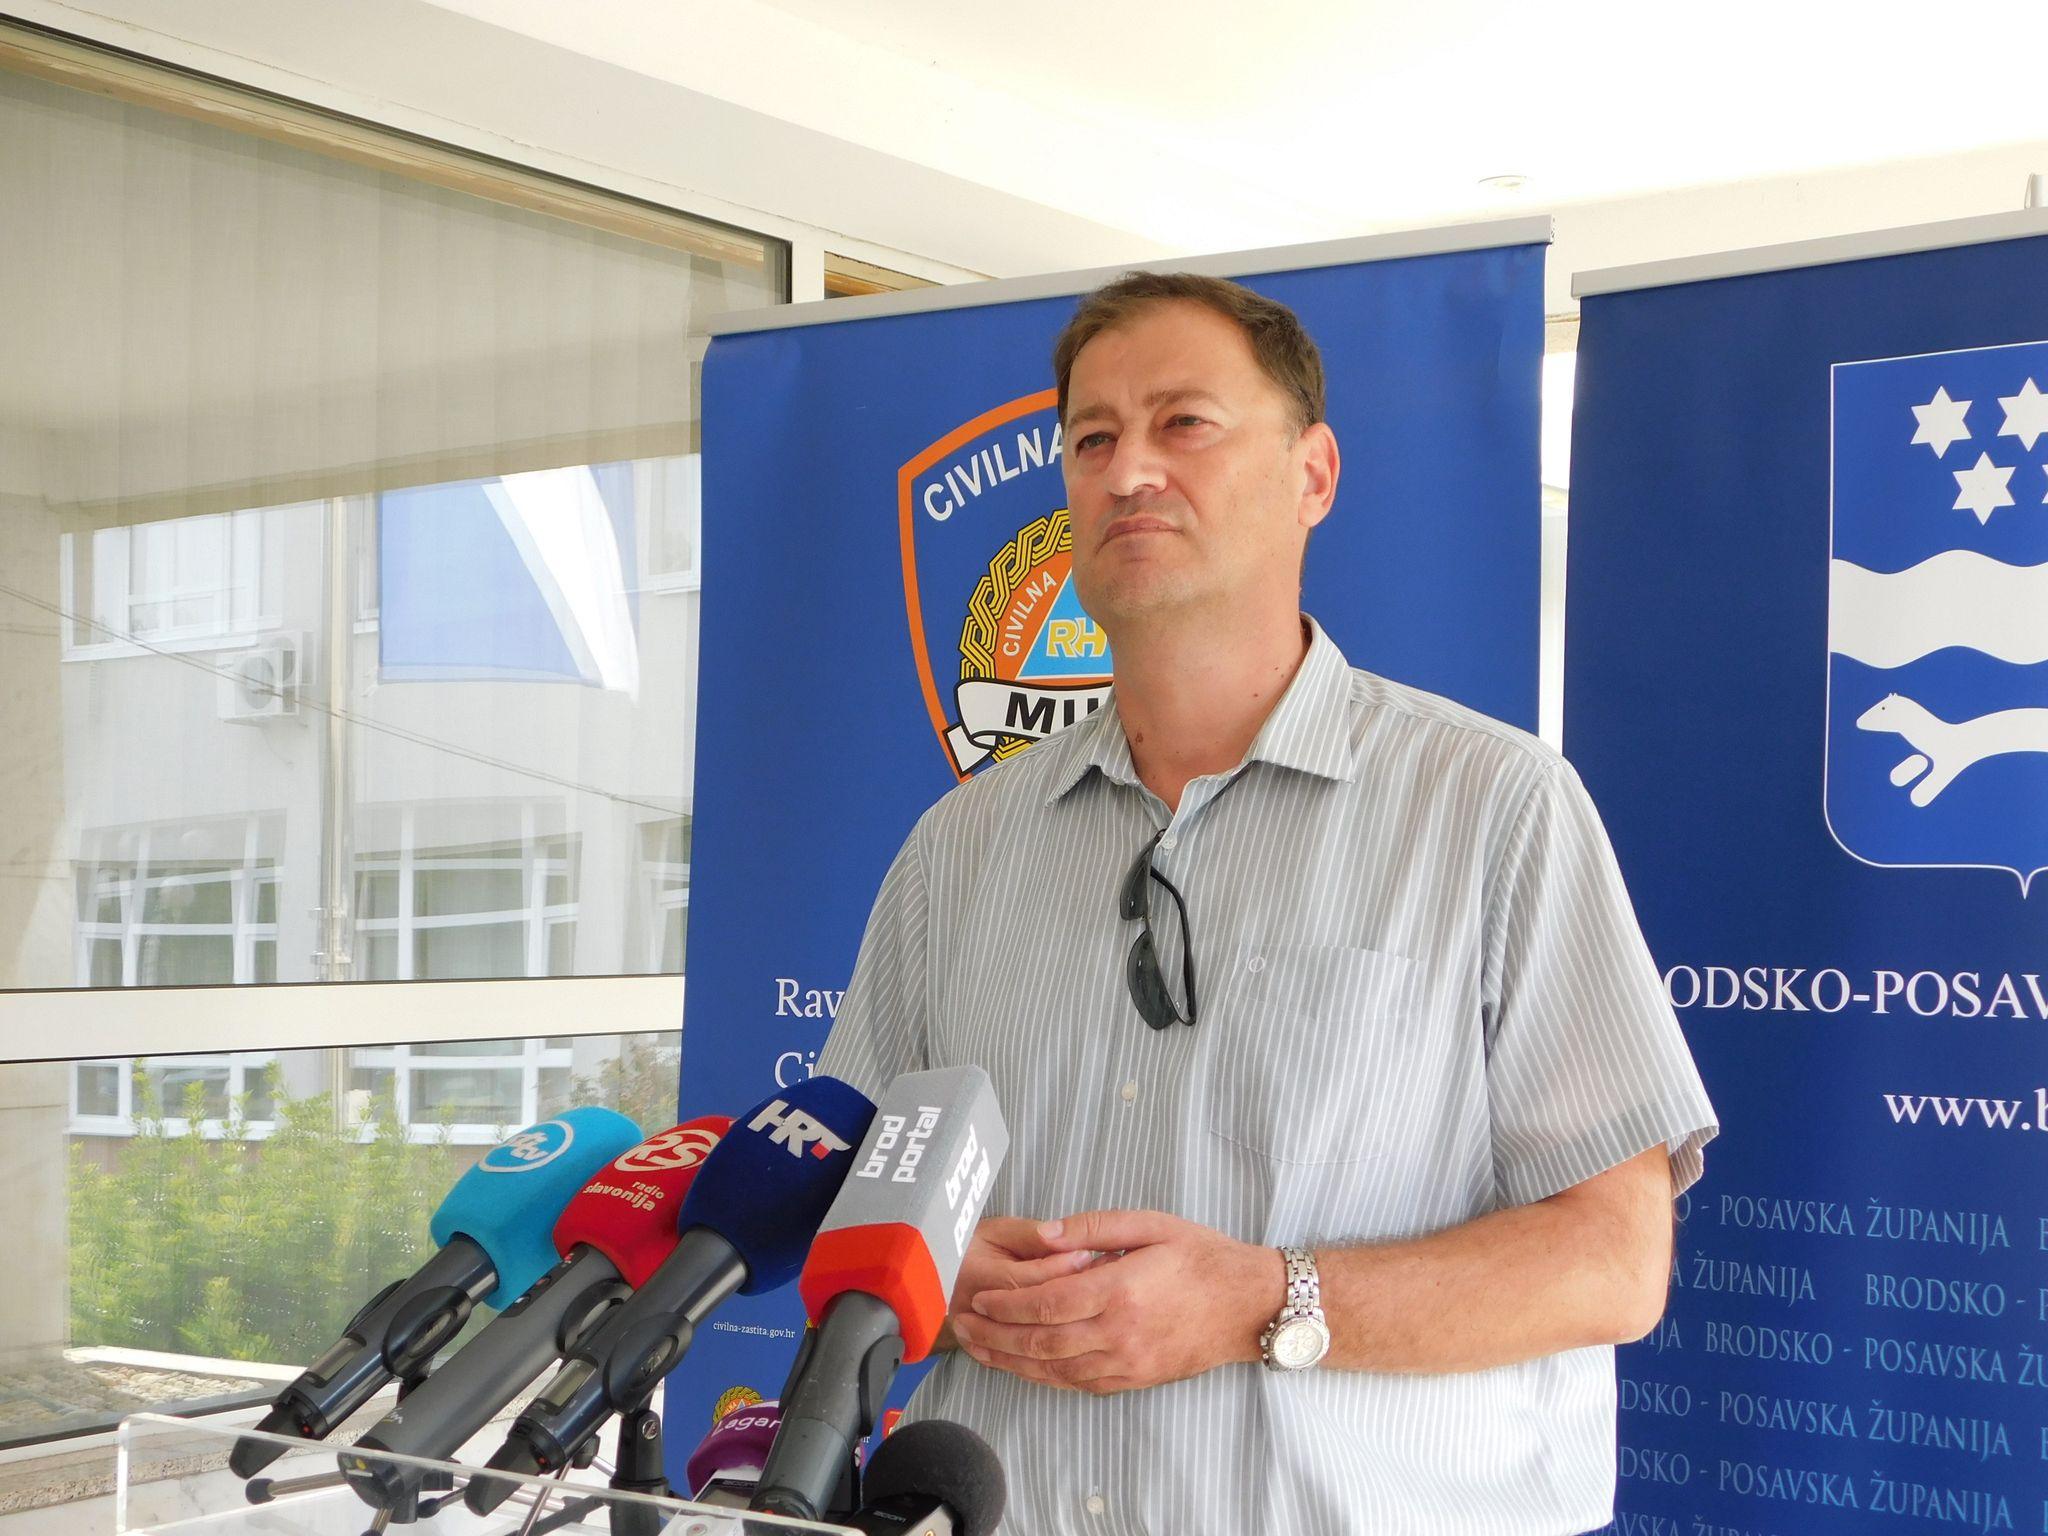 U Brodsko-posavskoj županiji danas 122 nove pozitivne osobe, jedna osoba je preminula